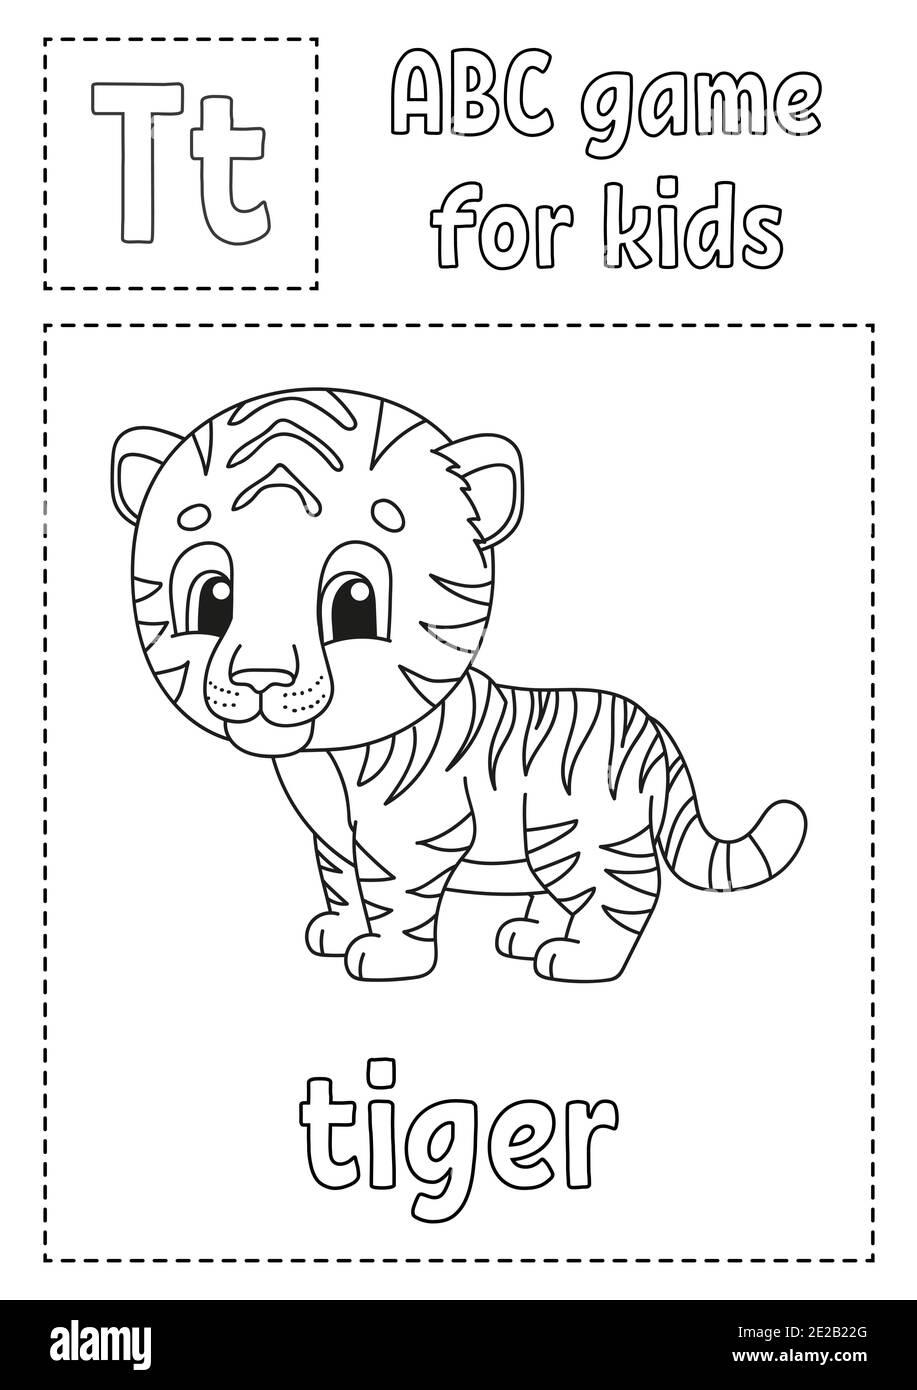 Tiger Picture Banque d'images vectorielles   Alamy